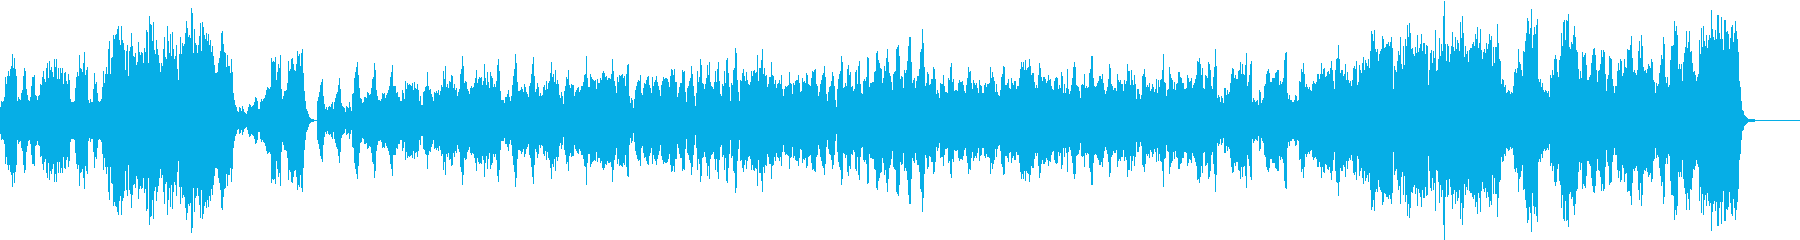 グノー オペラ ファウスト バレエ音楽の再生済みの波形